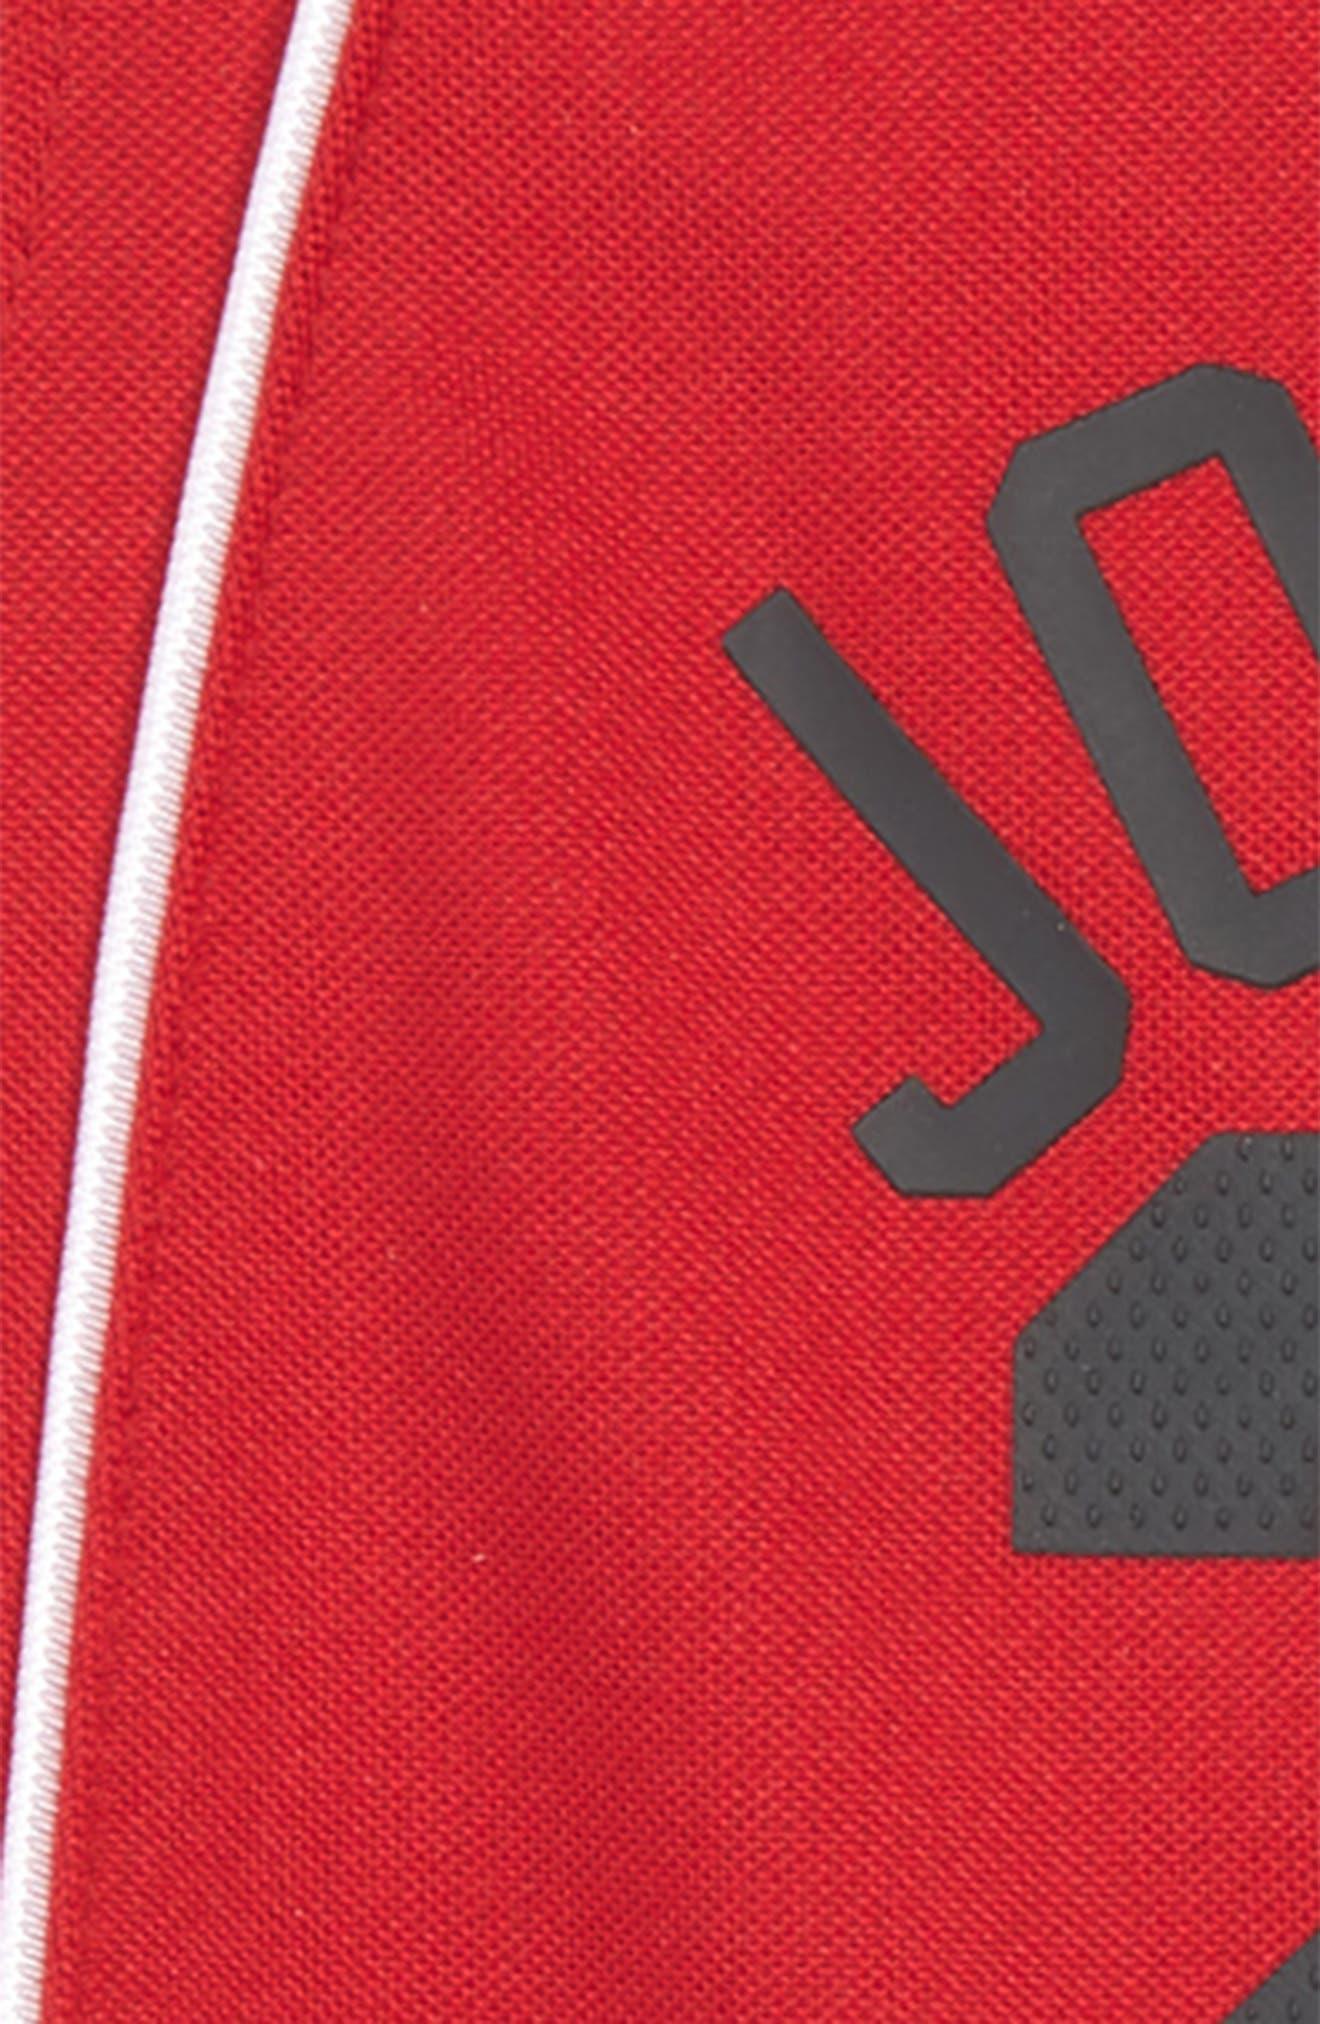 AJ23 Tank & Shorts Set,                             Alternate thumbnail 2, color,                             634